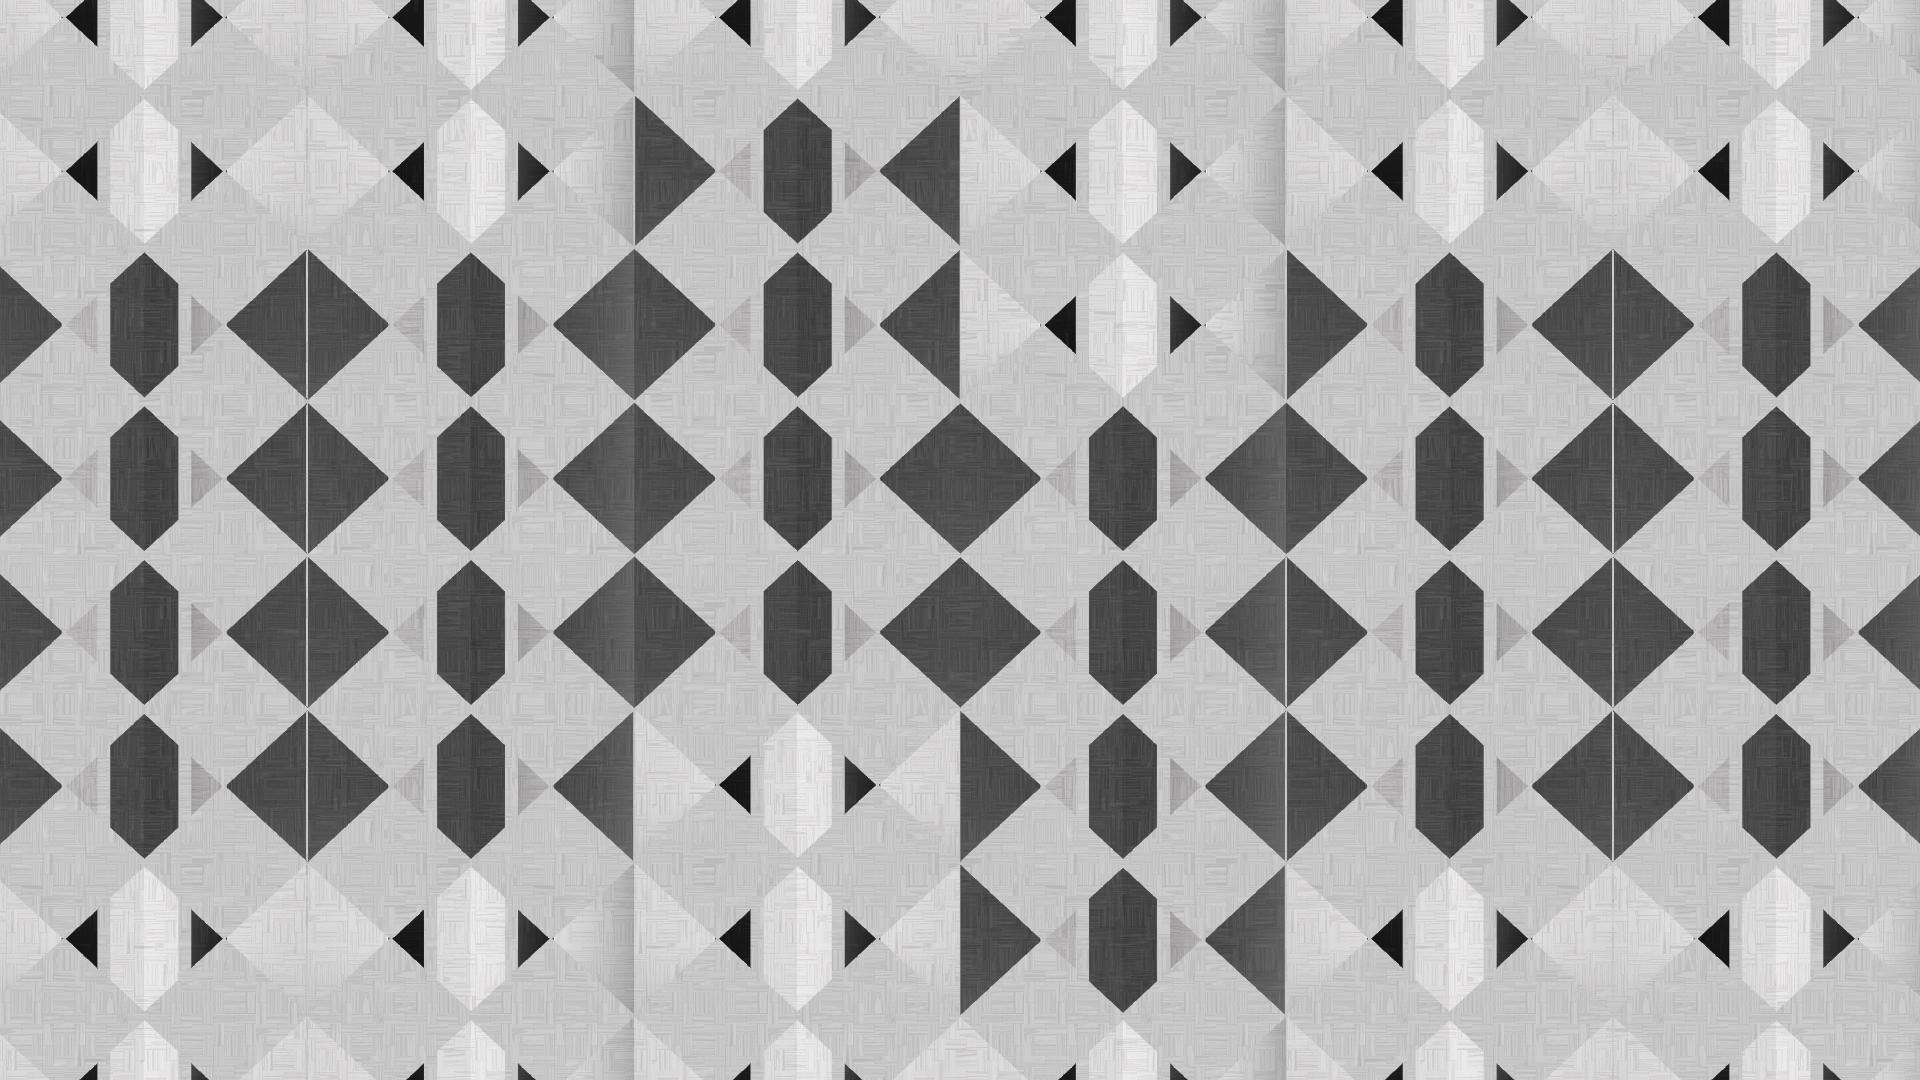 デスクトップ壁紙 対称 三角形 パターン テクスチャ 平方